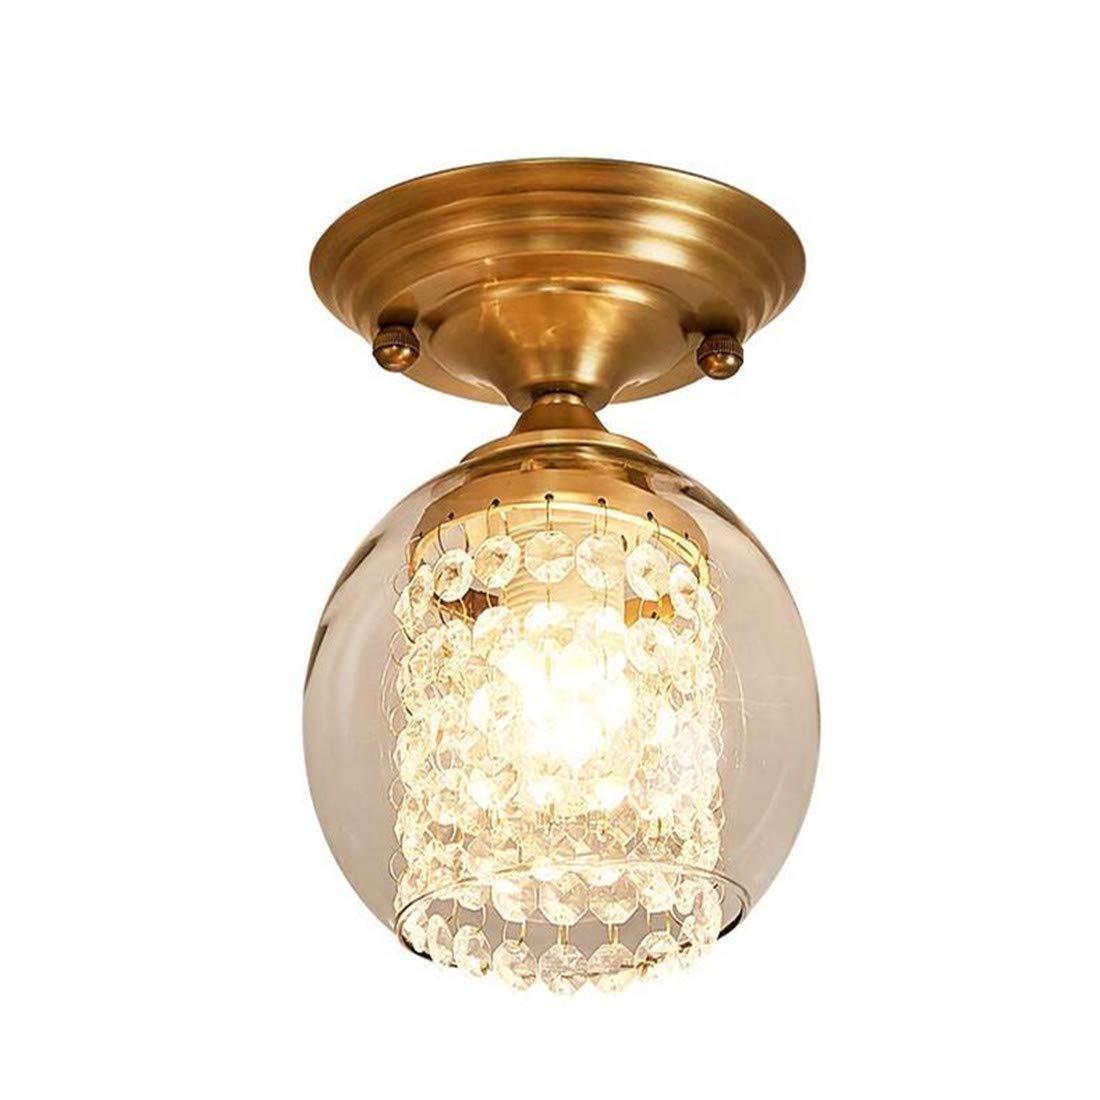 Kristall hängende Perlen Lampenschirm Gold E27 Einzigen Kopf Deckenleuchte Amerikanische Einfache Kreative Europäischen Stil Deckenleuchte Kronleuchter Gang Flur